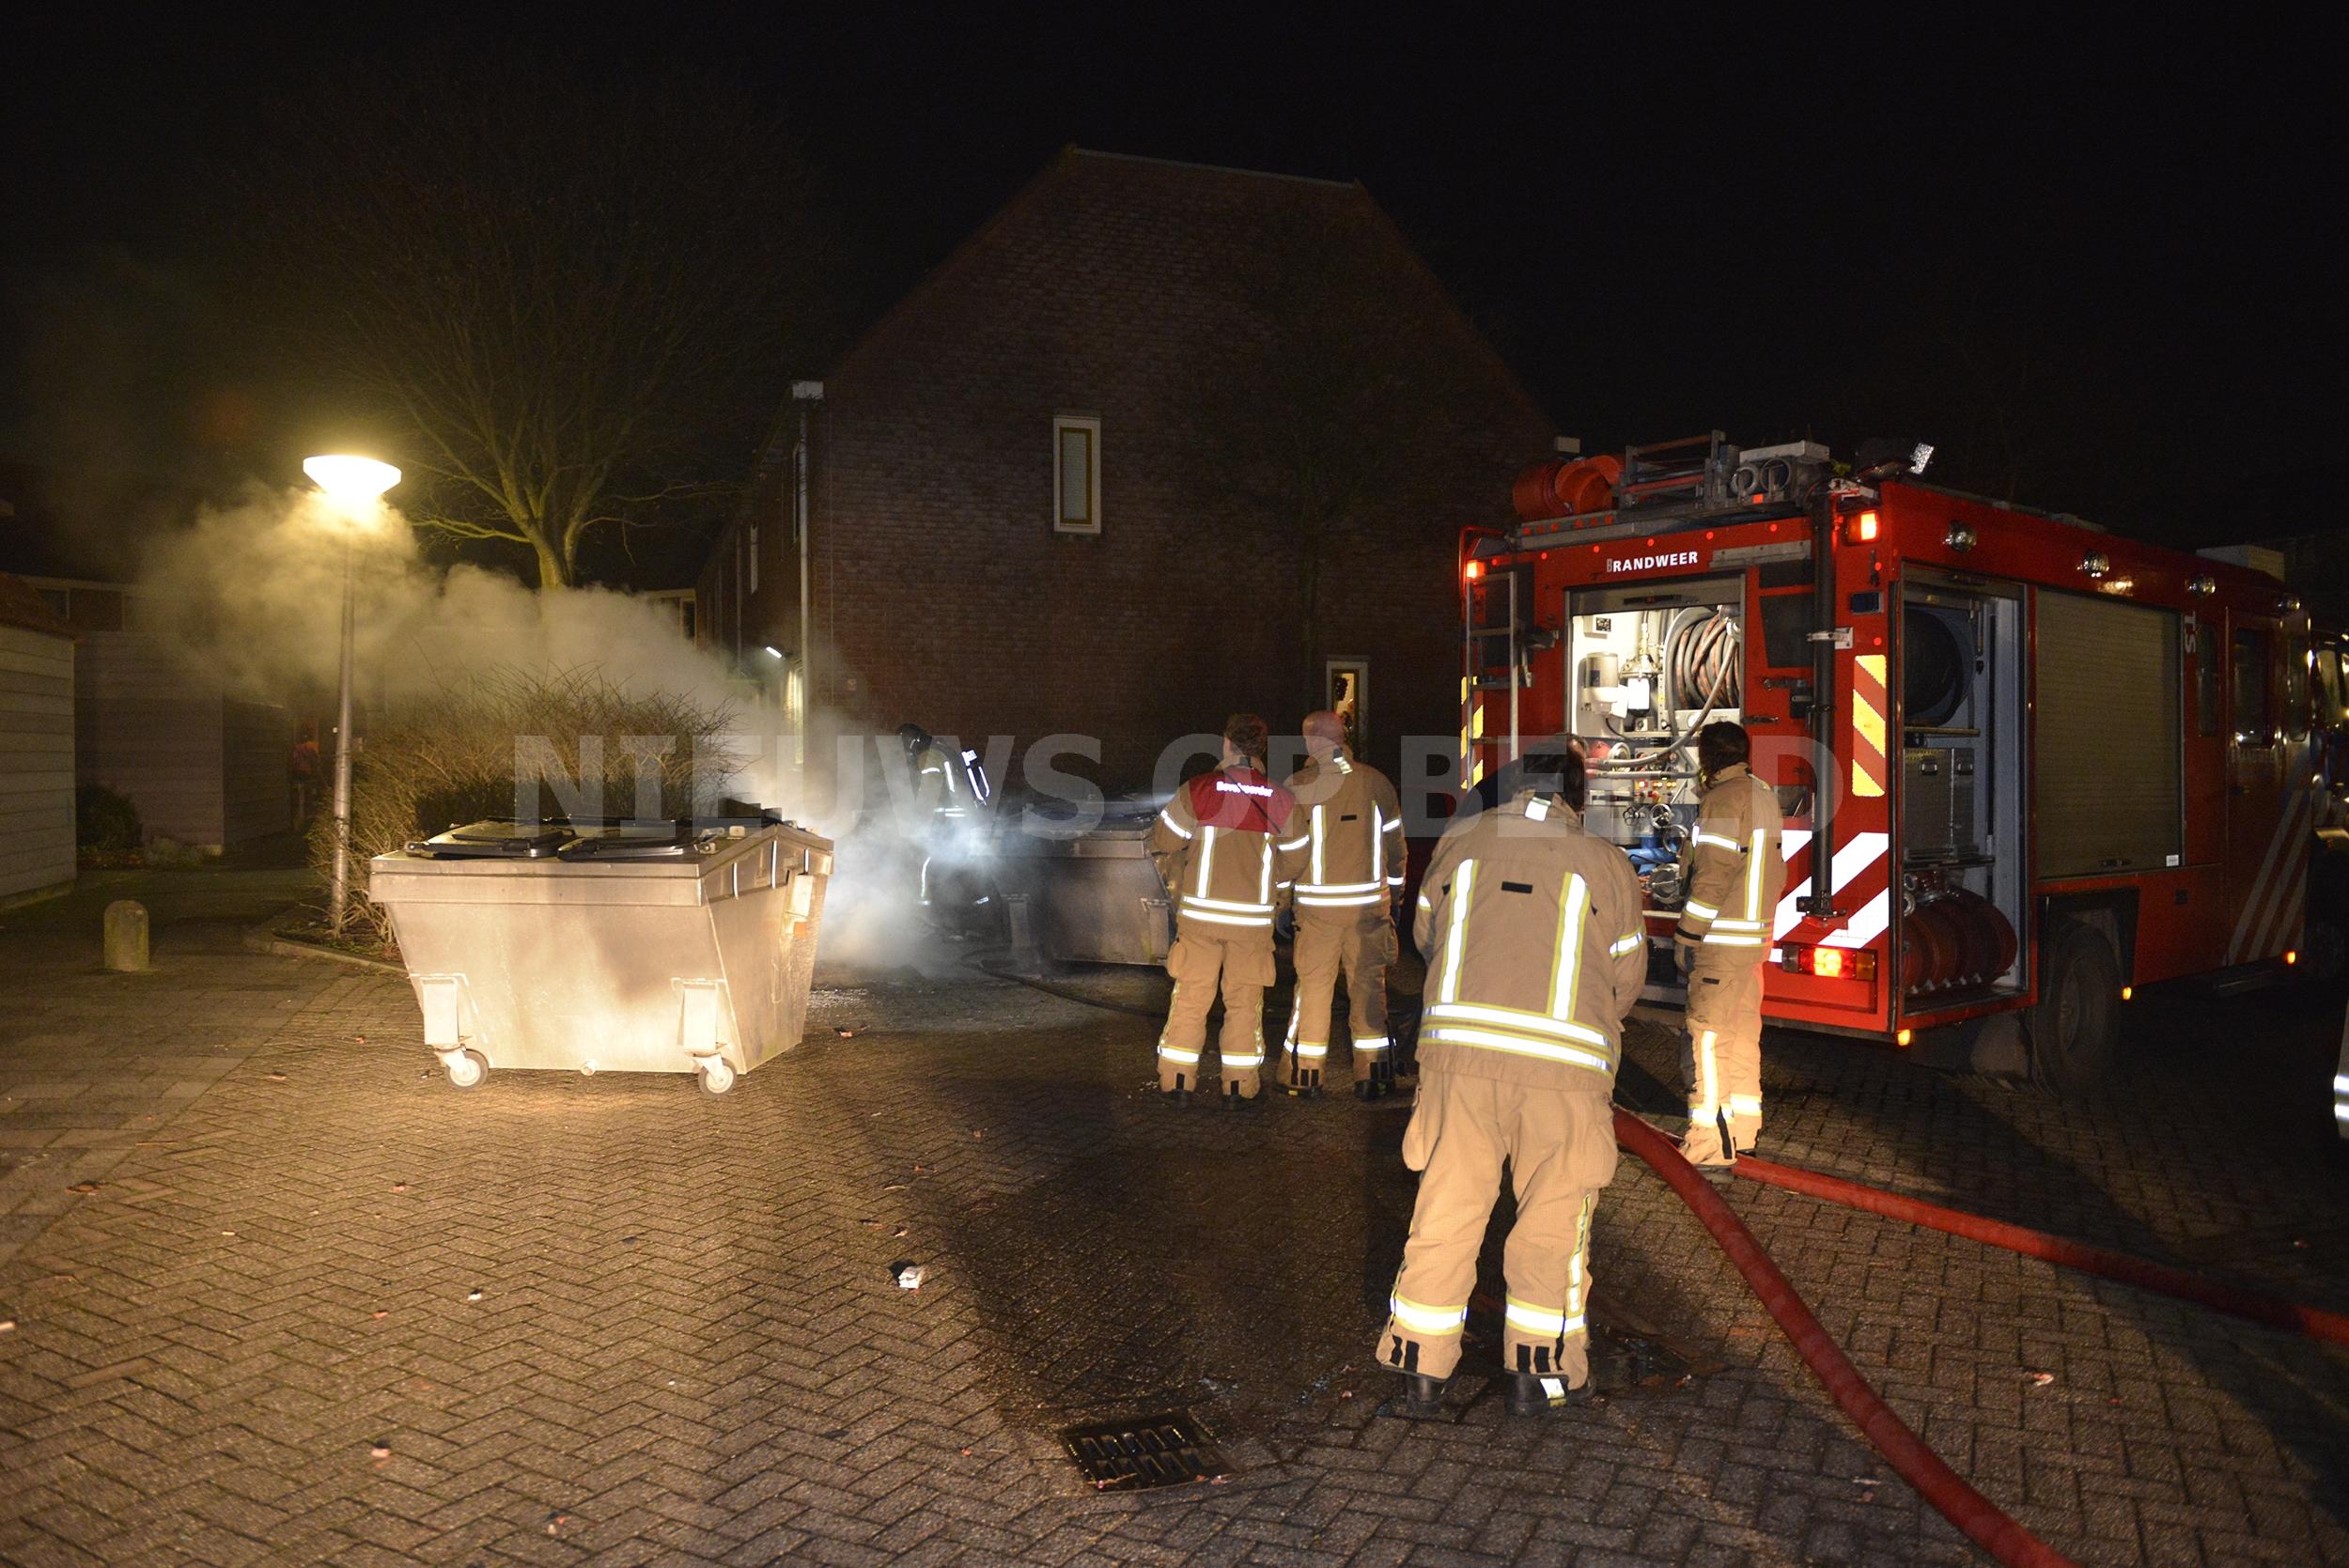 Flinke buitenbrand door in brand gestoken container Arabella Capelle a/d IJssel